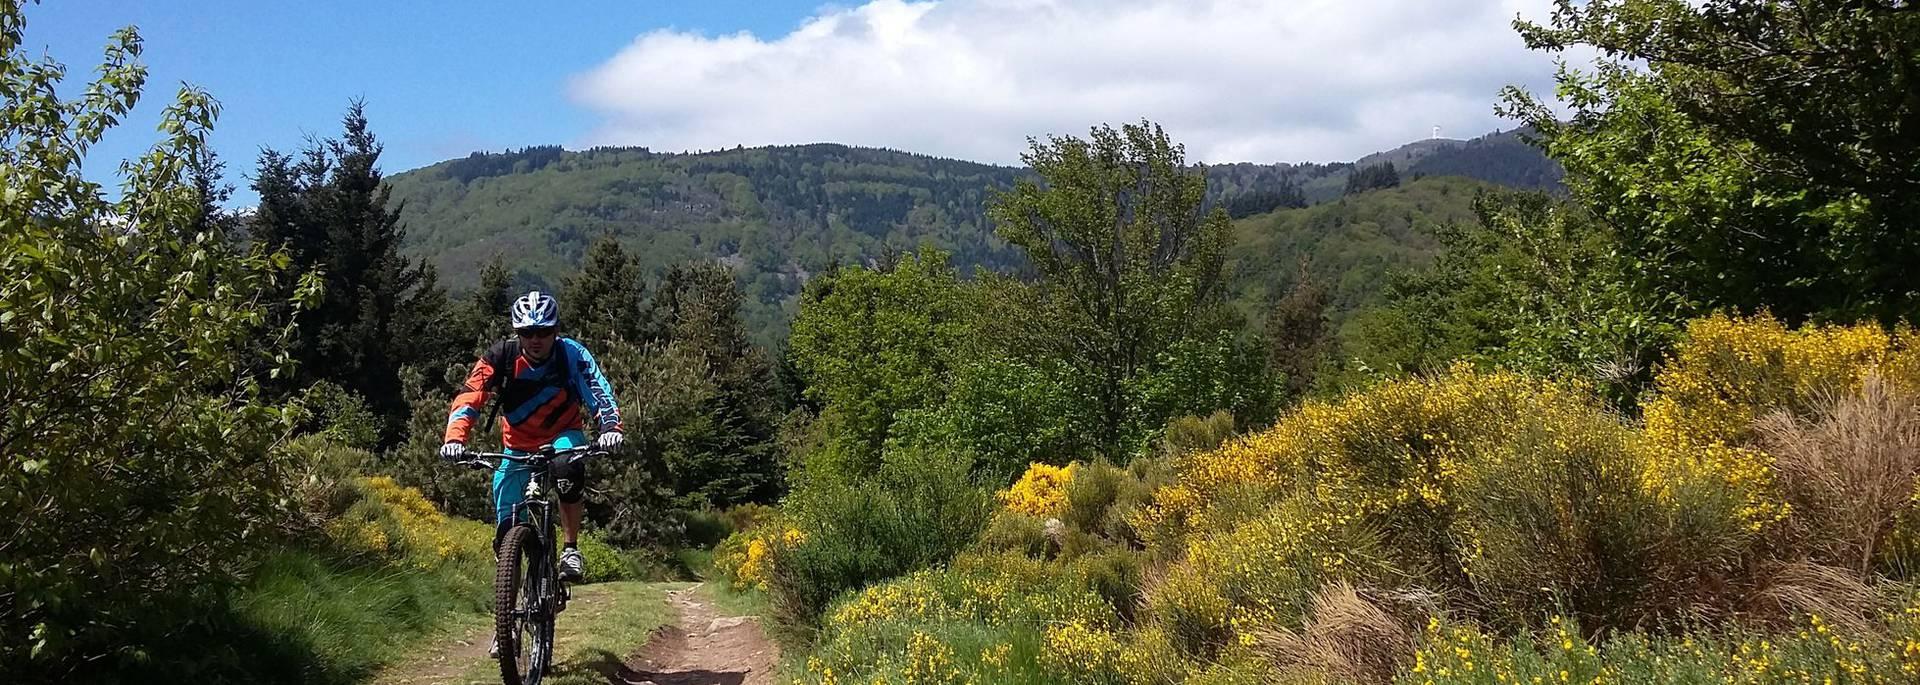 crêt oeillon parc pilat perdrix vtt itinéraires rhône alpes auvergne monotrace singletrack sentiers balisés